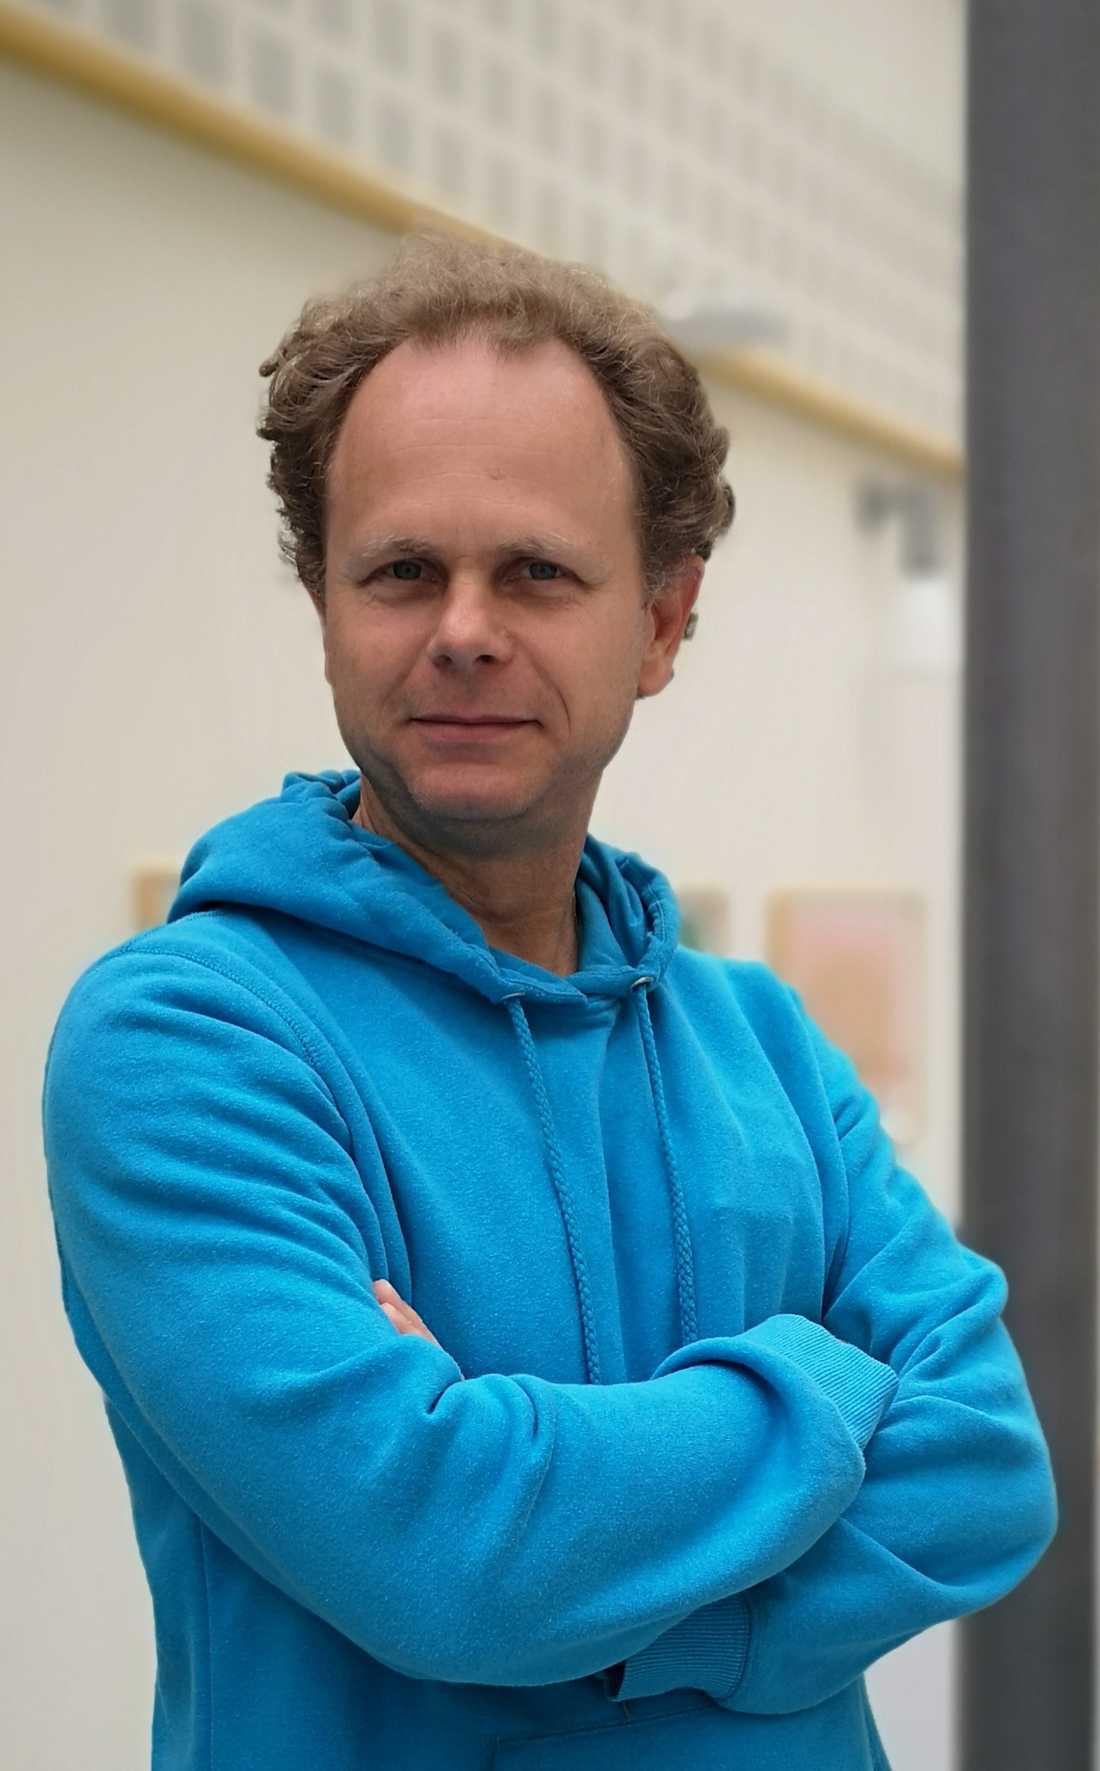 Martin Olsson upptäckte igelkotten och räddade den.